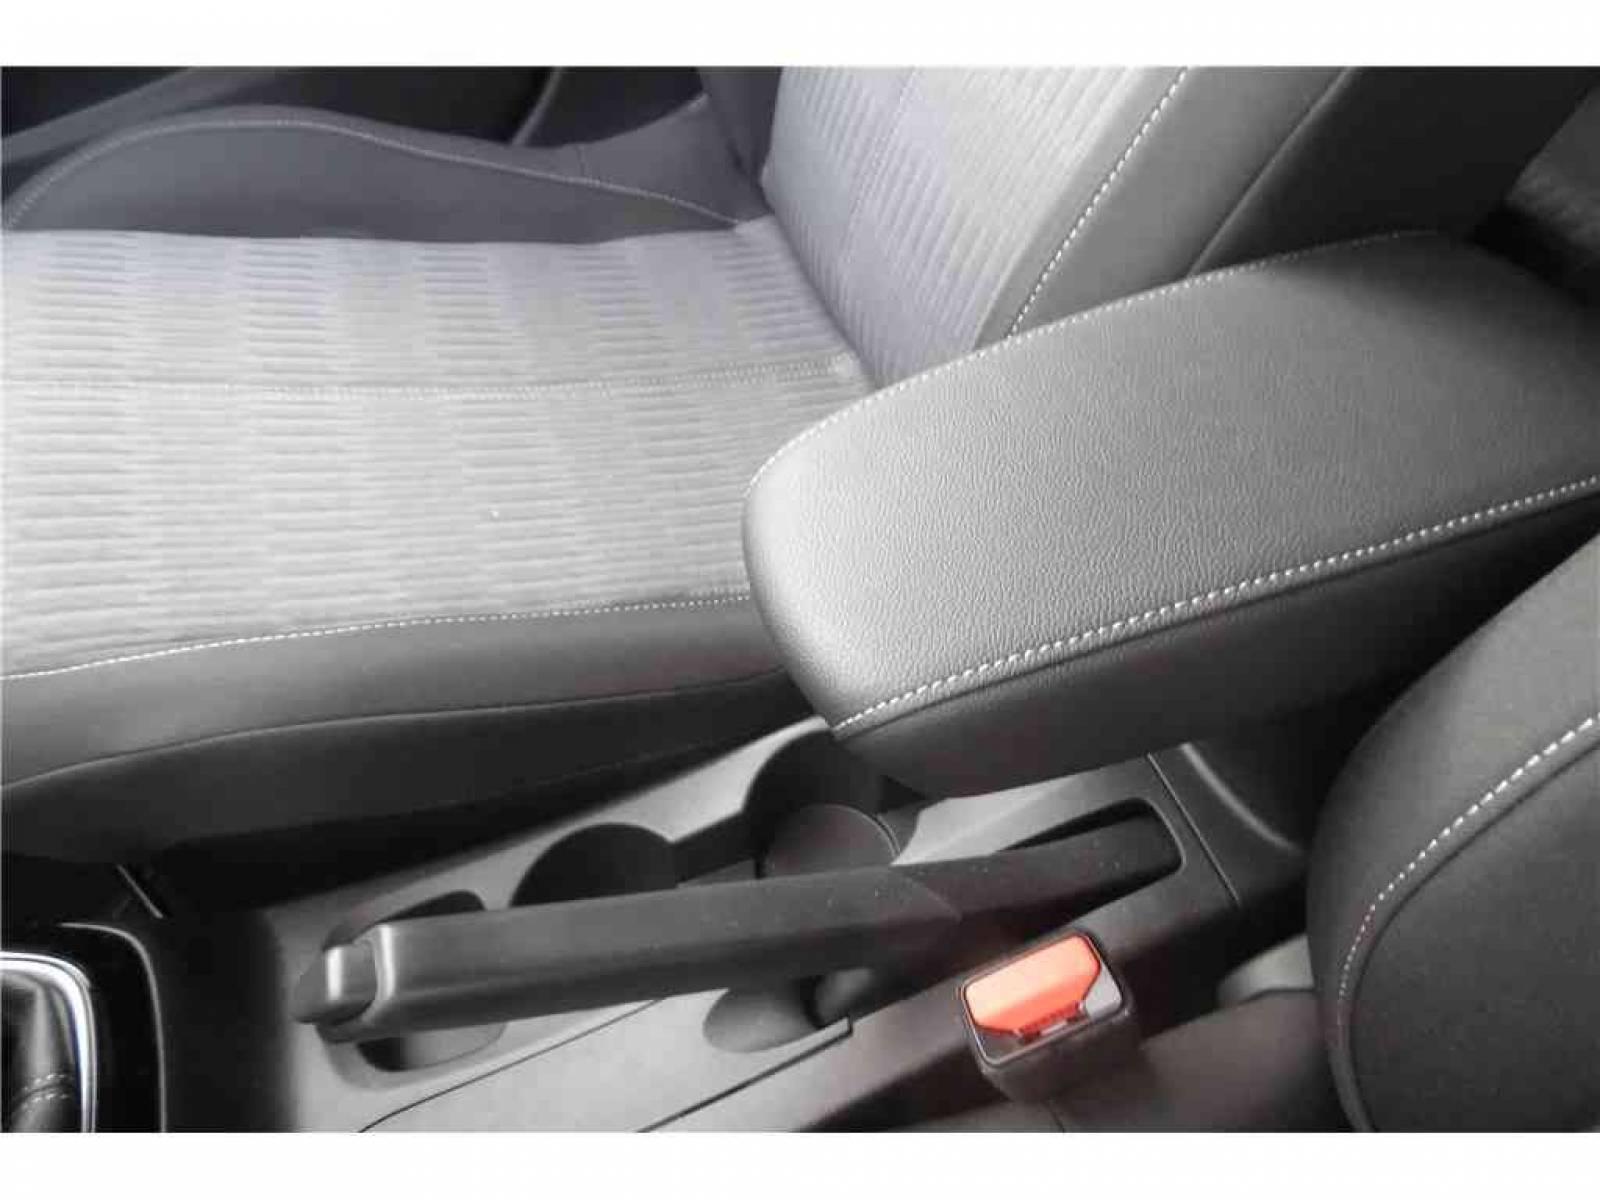 OPEL Corsa 1.2 Turbo 100 ch BVM6 - véhicule d'occasion - Groupe Guillet - Opel Magicauto - Montceau-les-Mines - 71300 - Montceau-les-Mines - 24